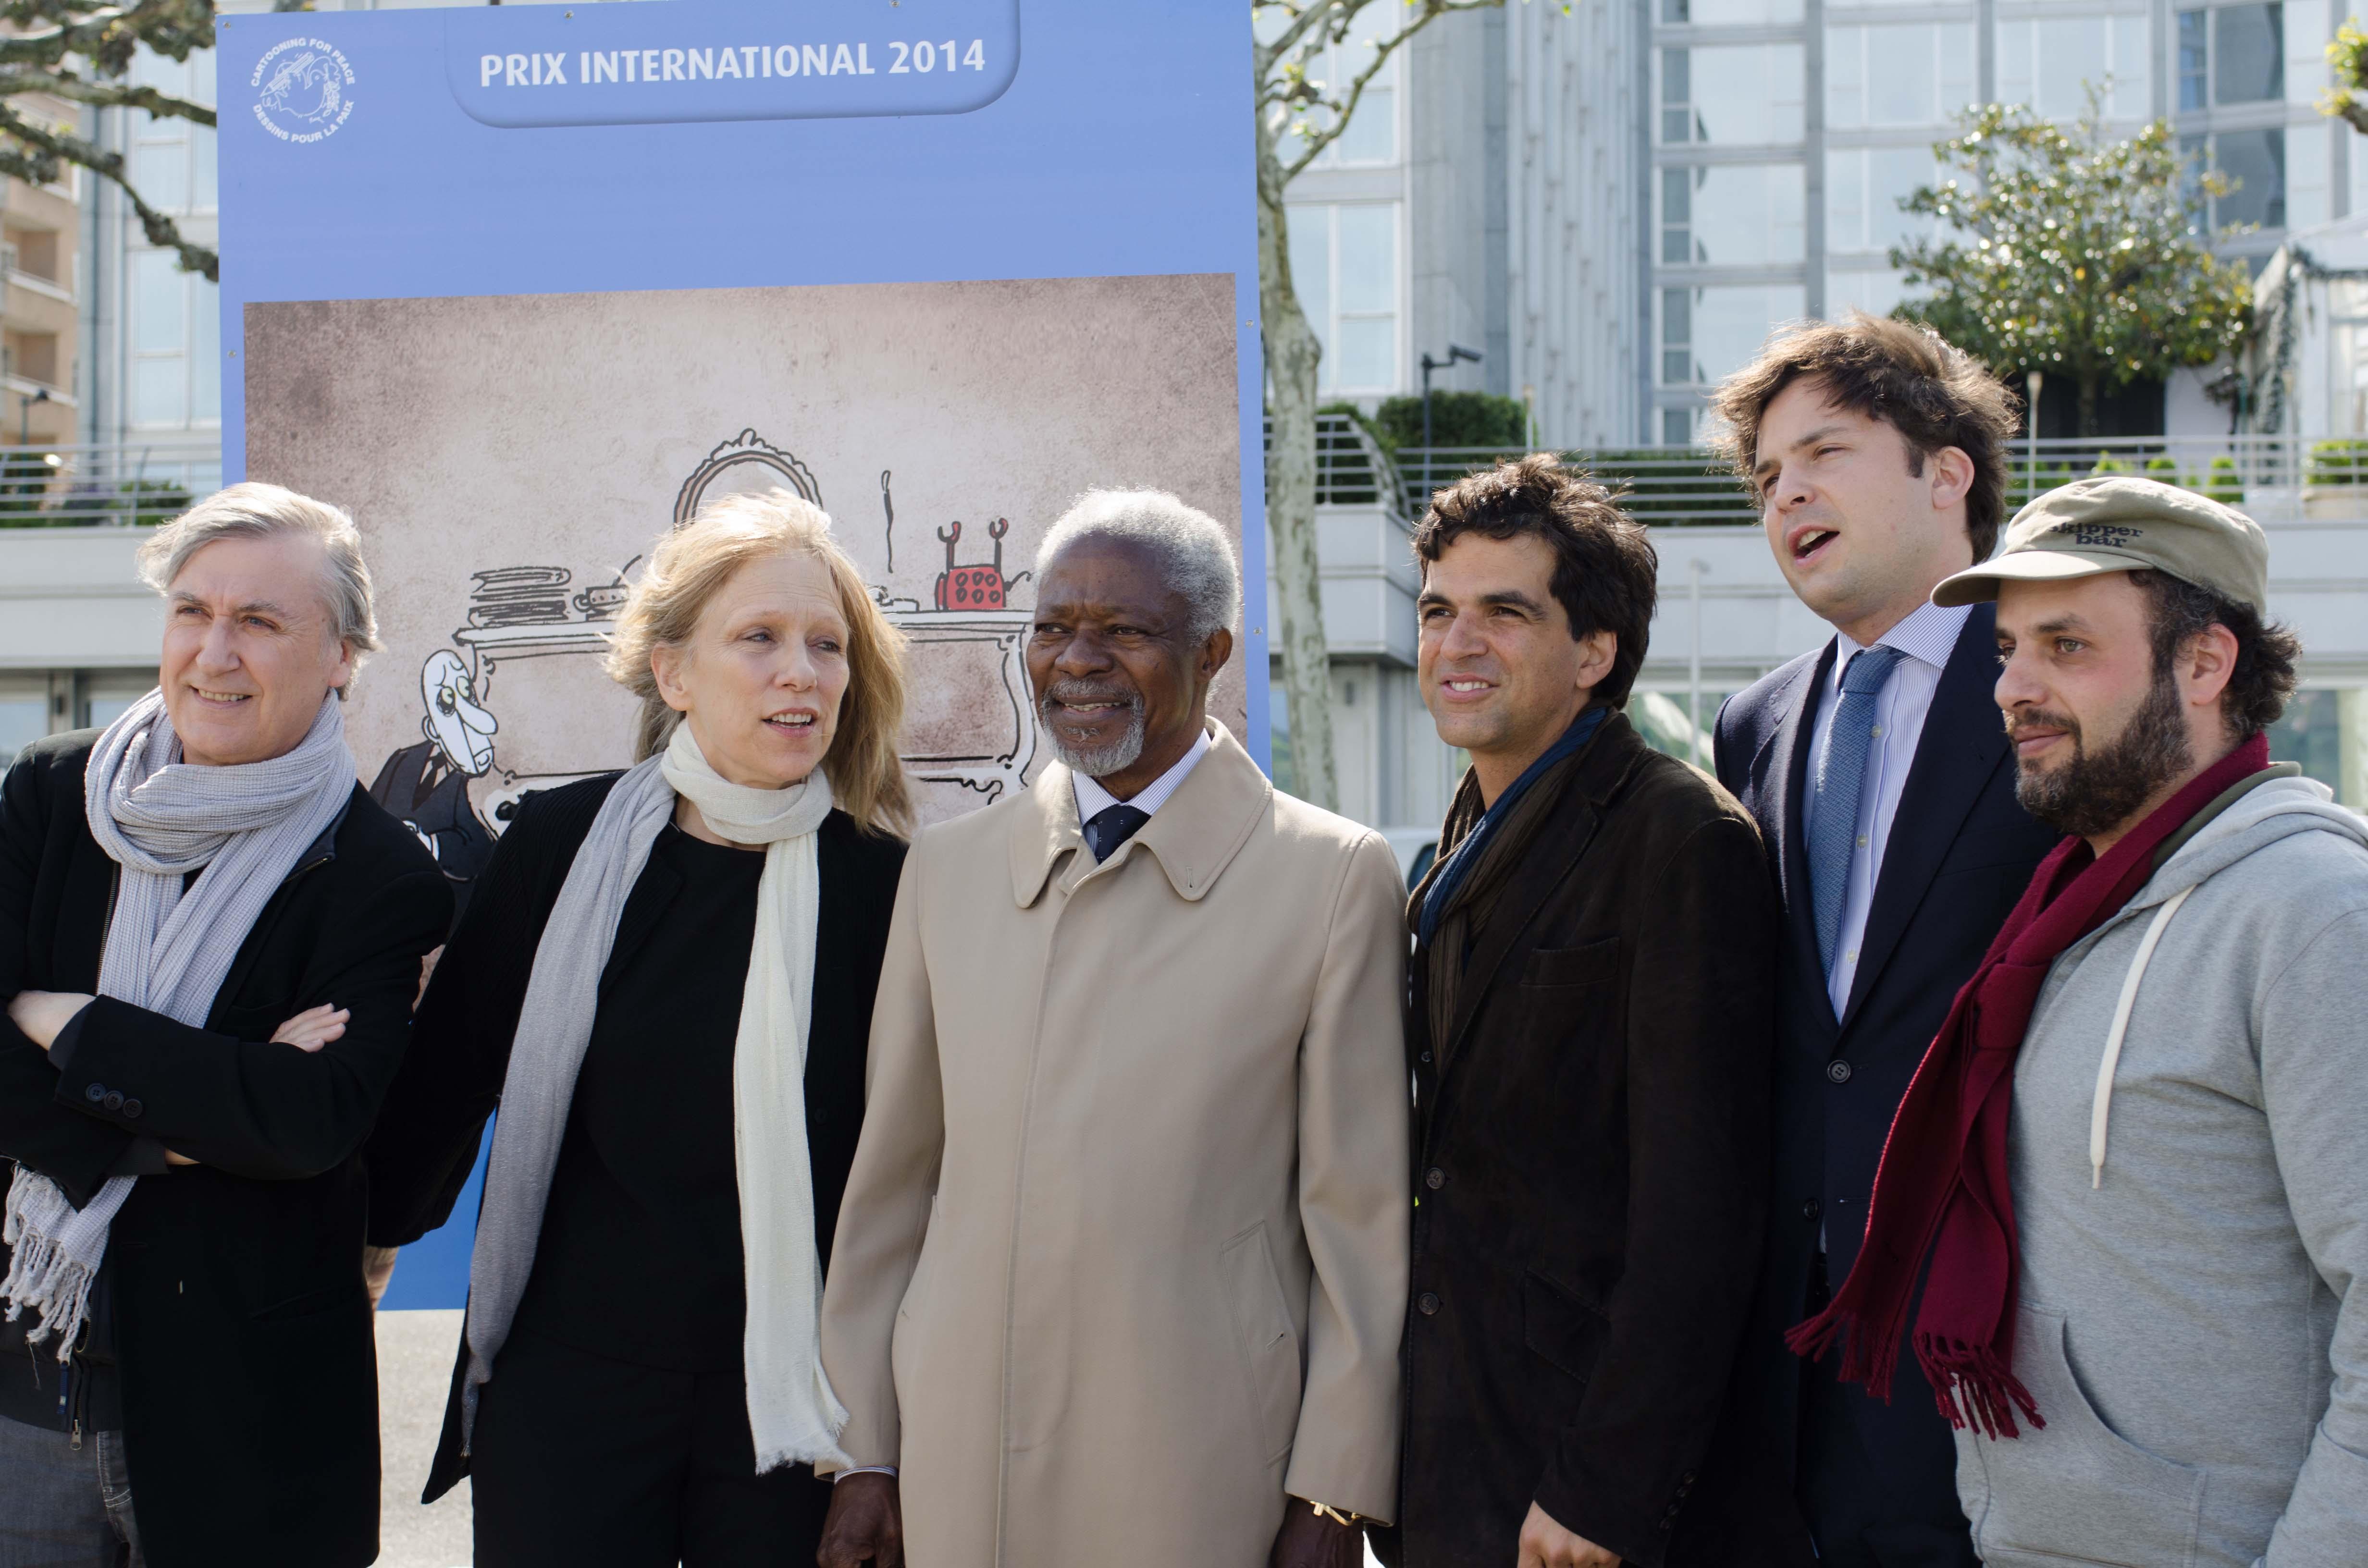 Plantu, Liza Donnelly, Kofi Annan, Chappatte et Hani Abbas